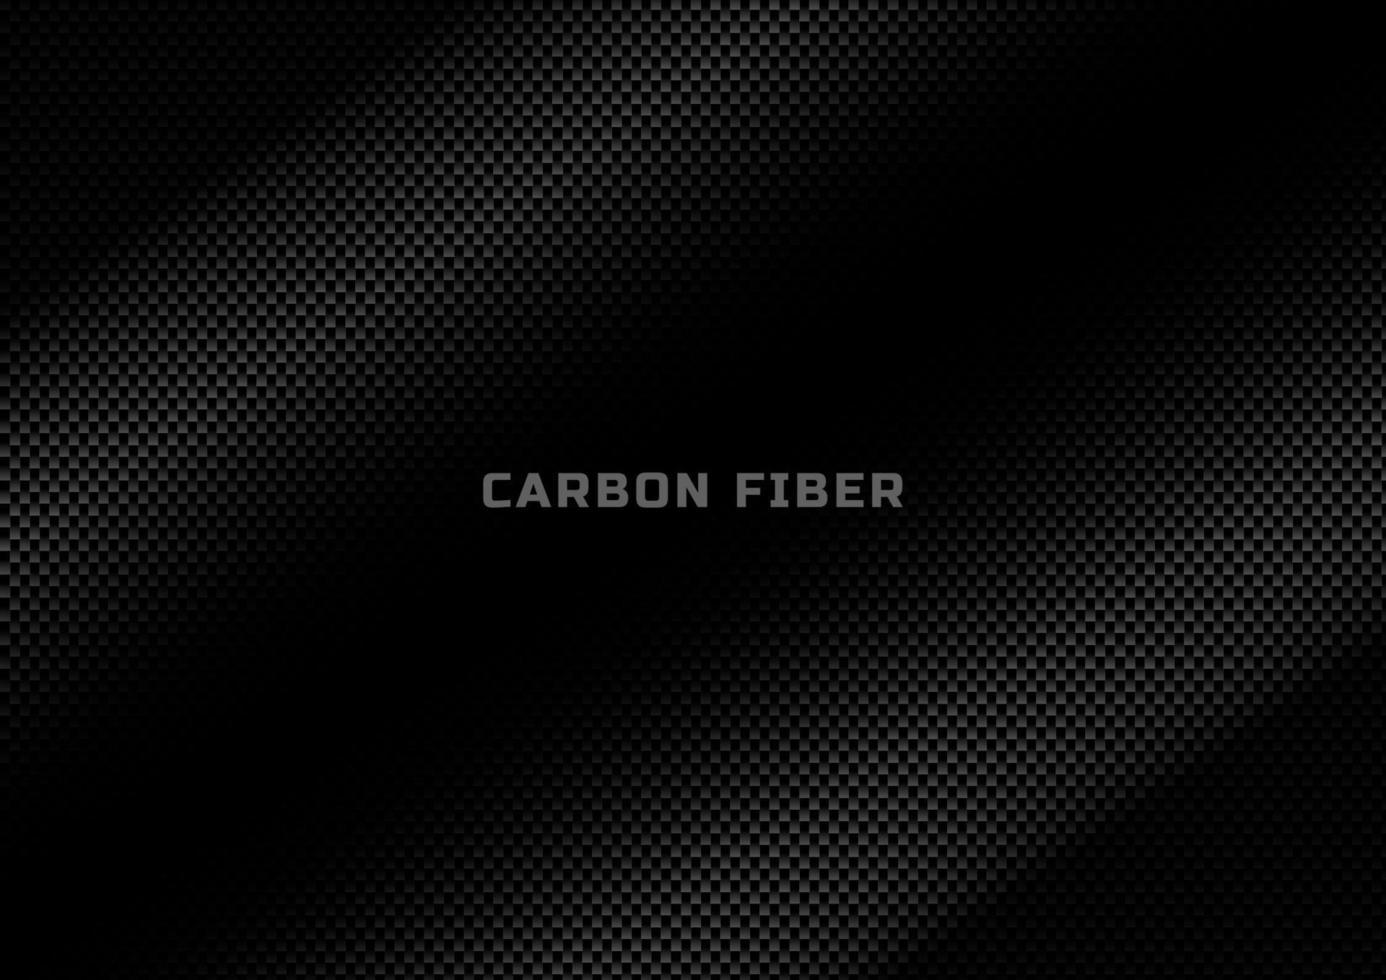 fond de vecteur de texture verticale en fibre de carbone.